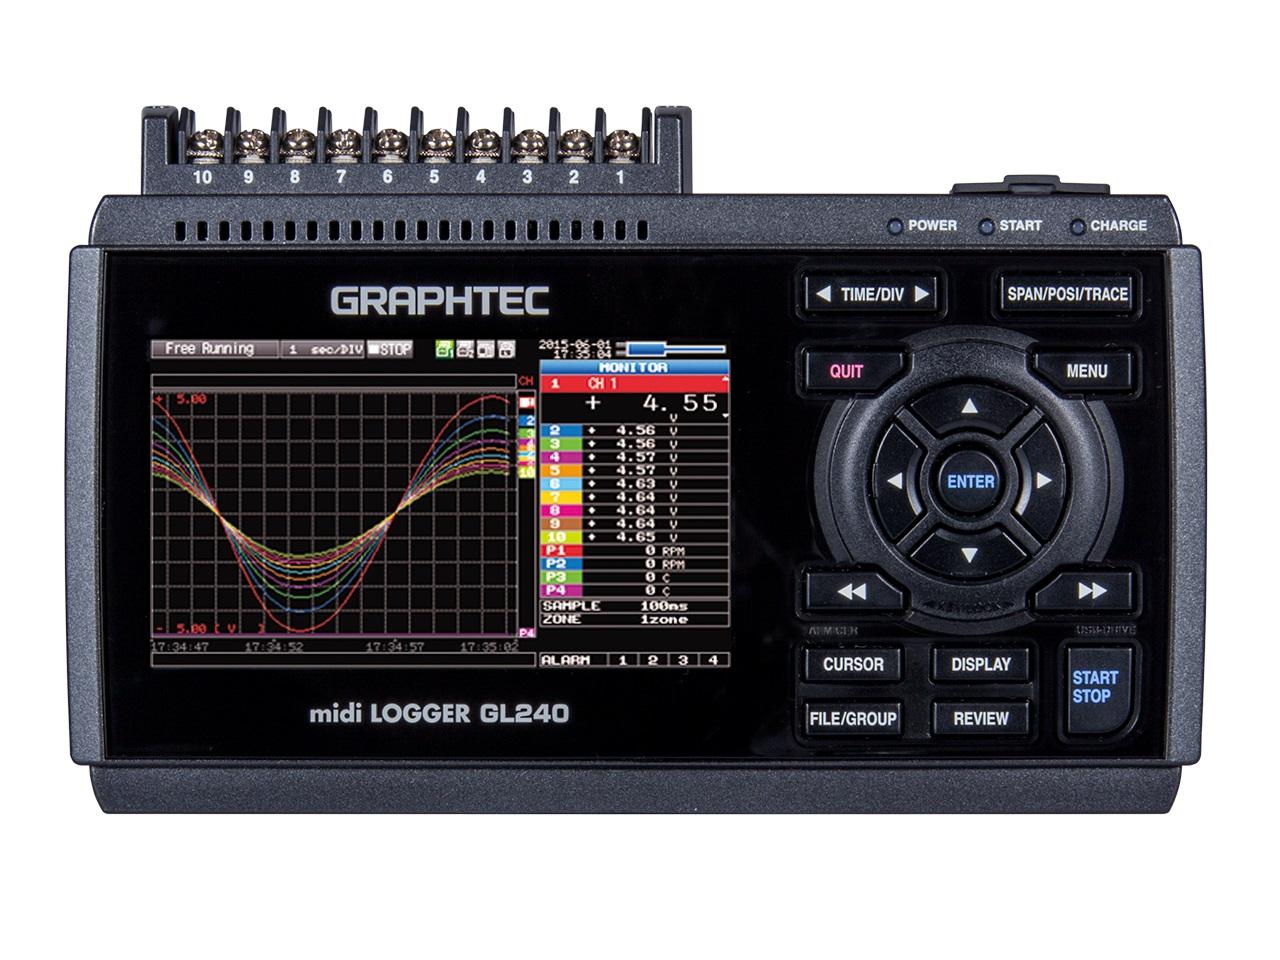 グラフテック データロガー midi LOGGER GL240-SD